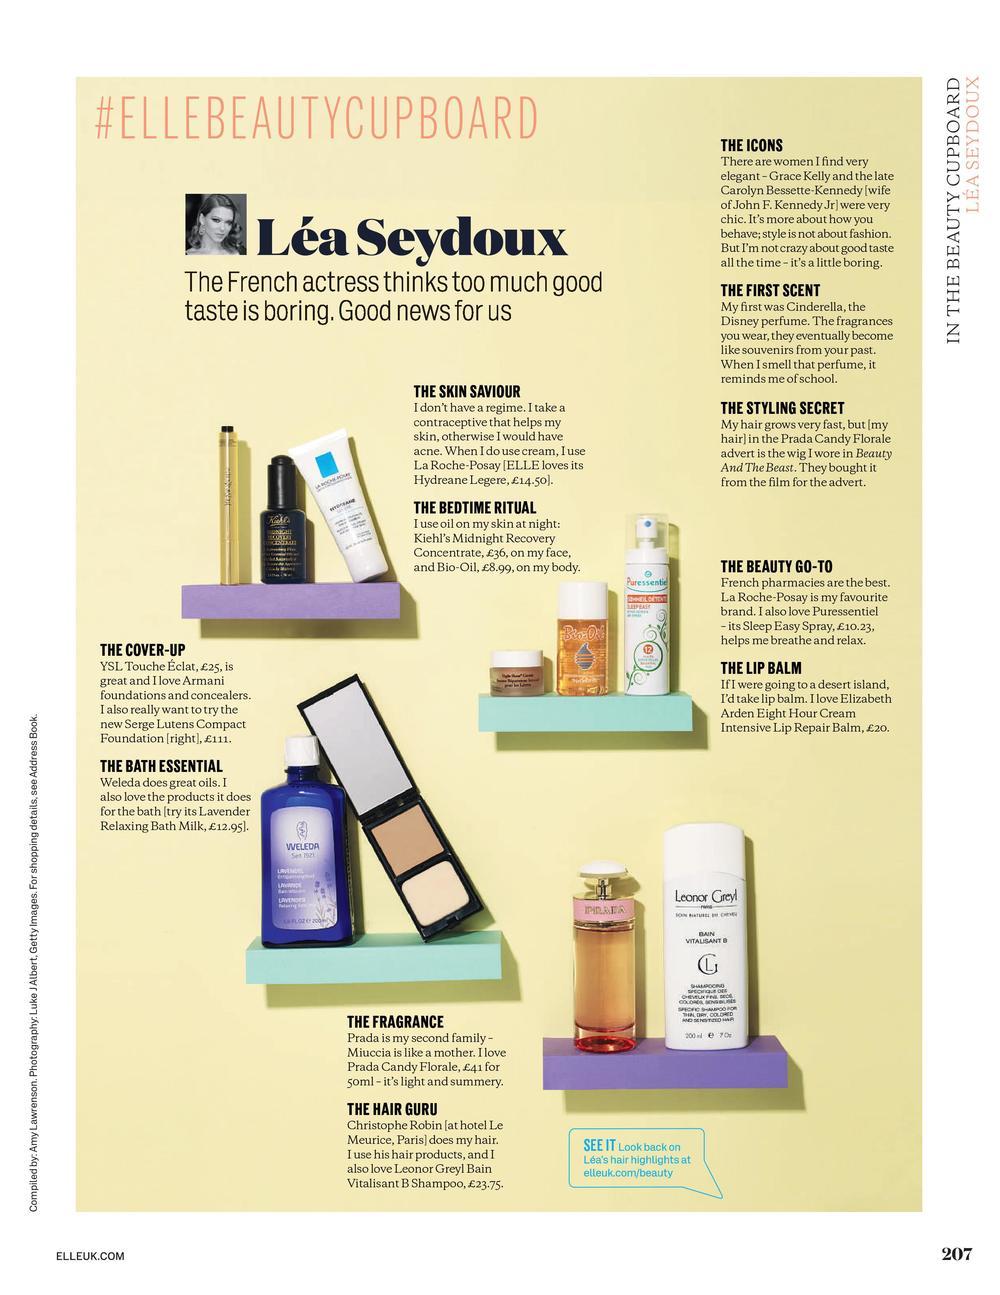 ELLE Beauty Cupboard: Léa Seydoux